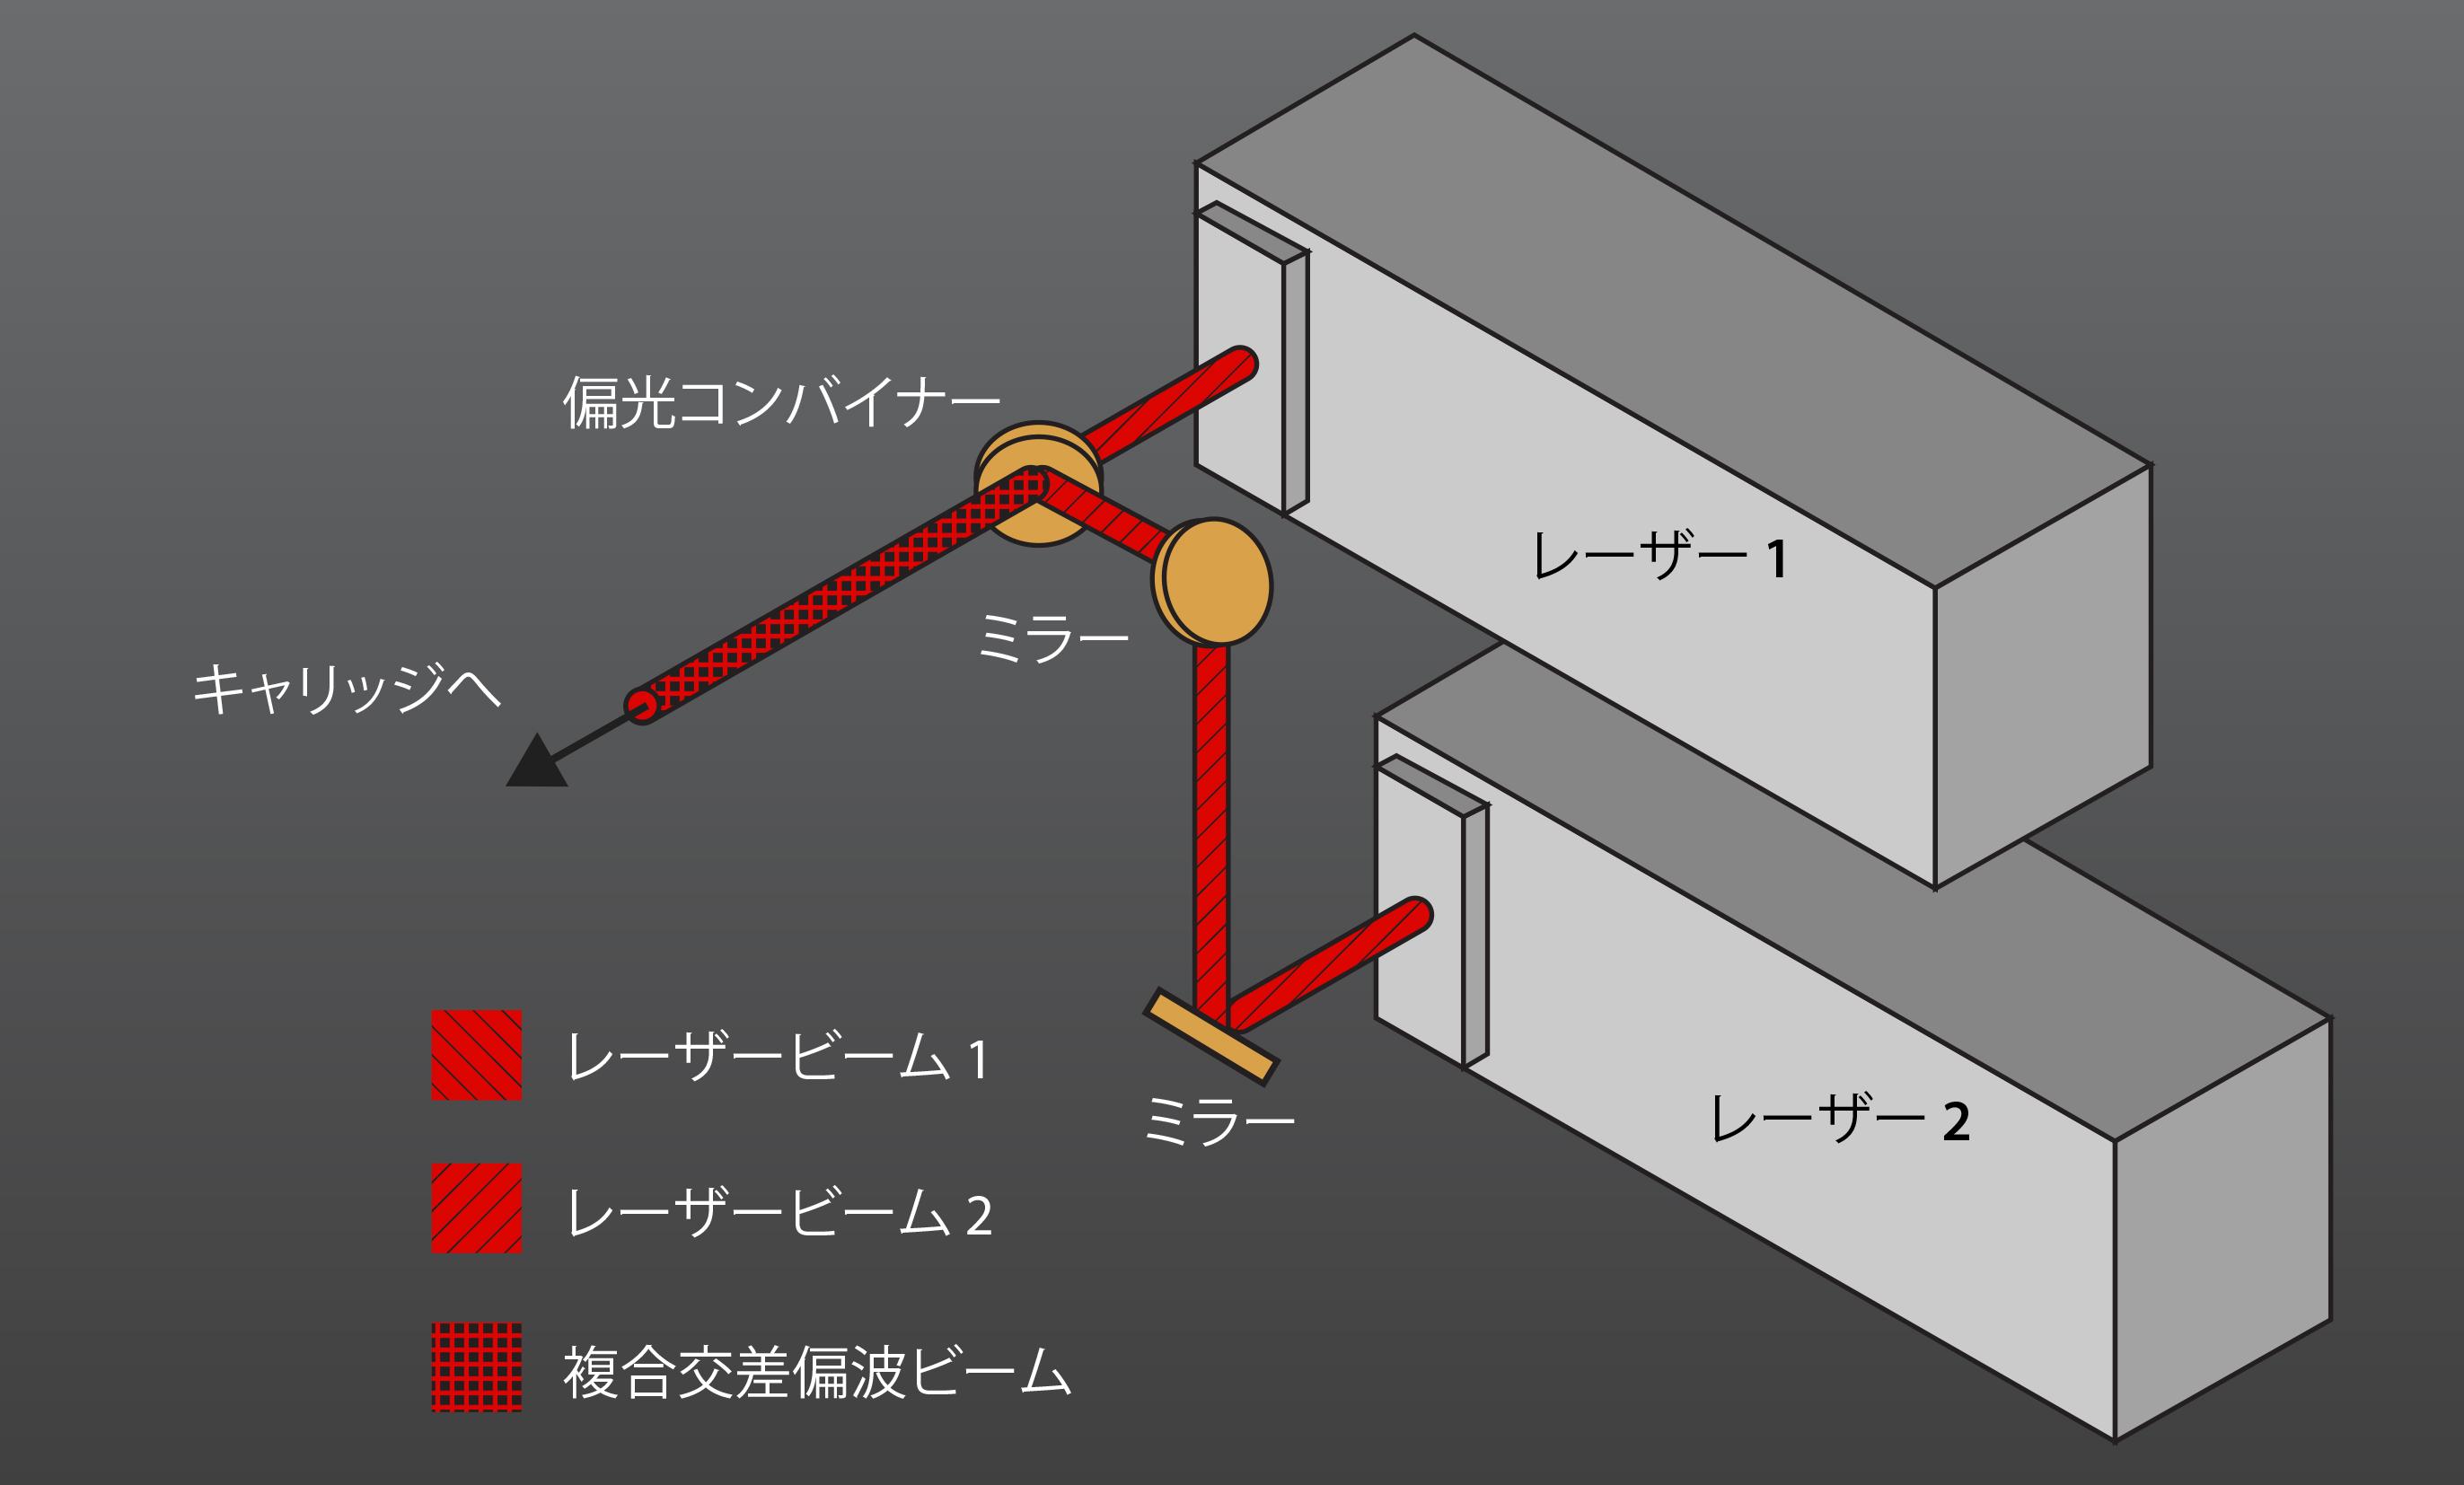 デュアルレーザー構成システム